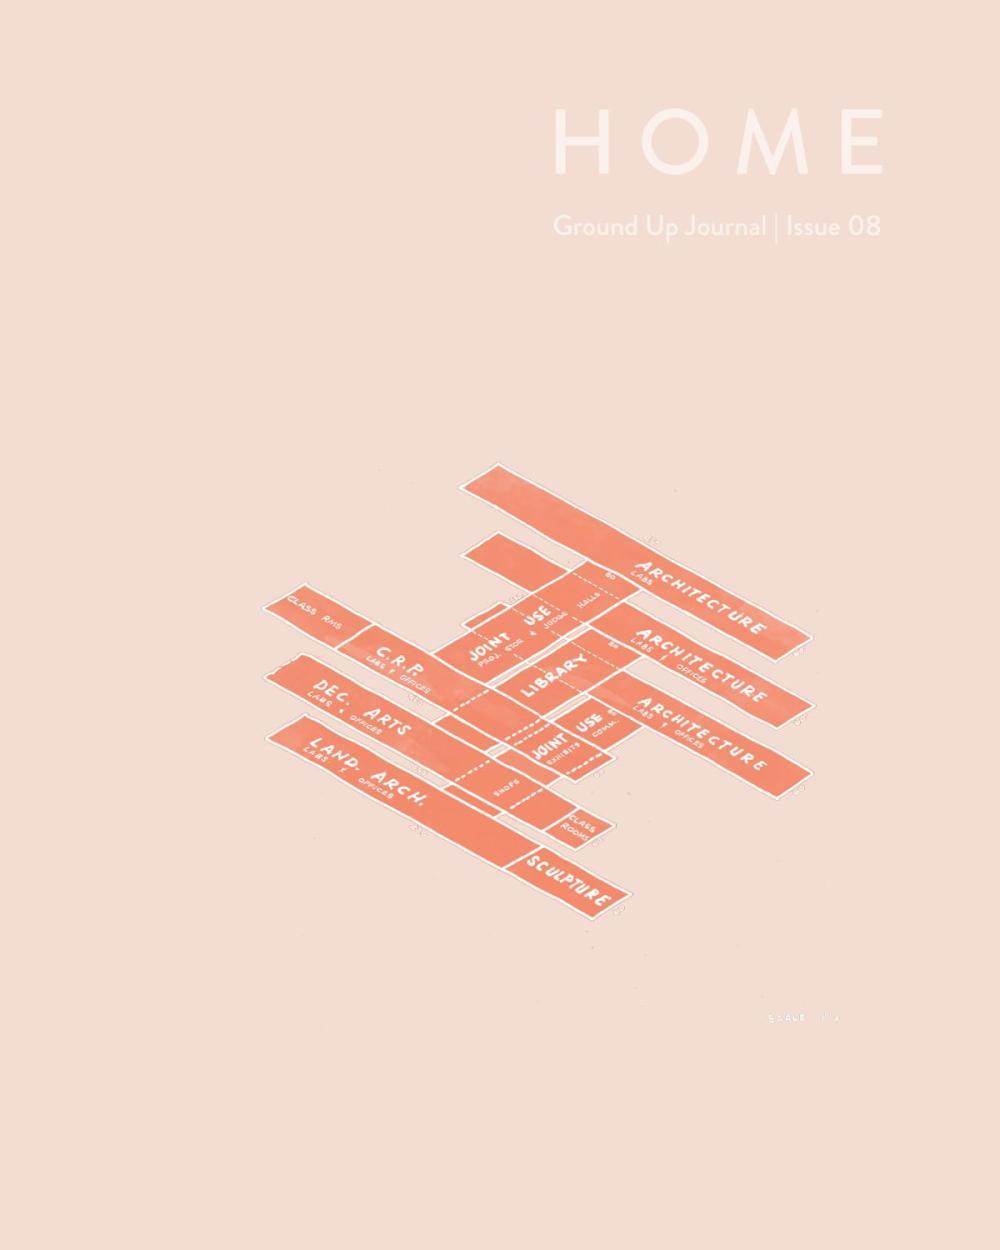 medium resolution of ground up issue 08 home